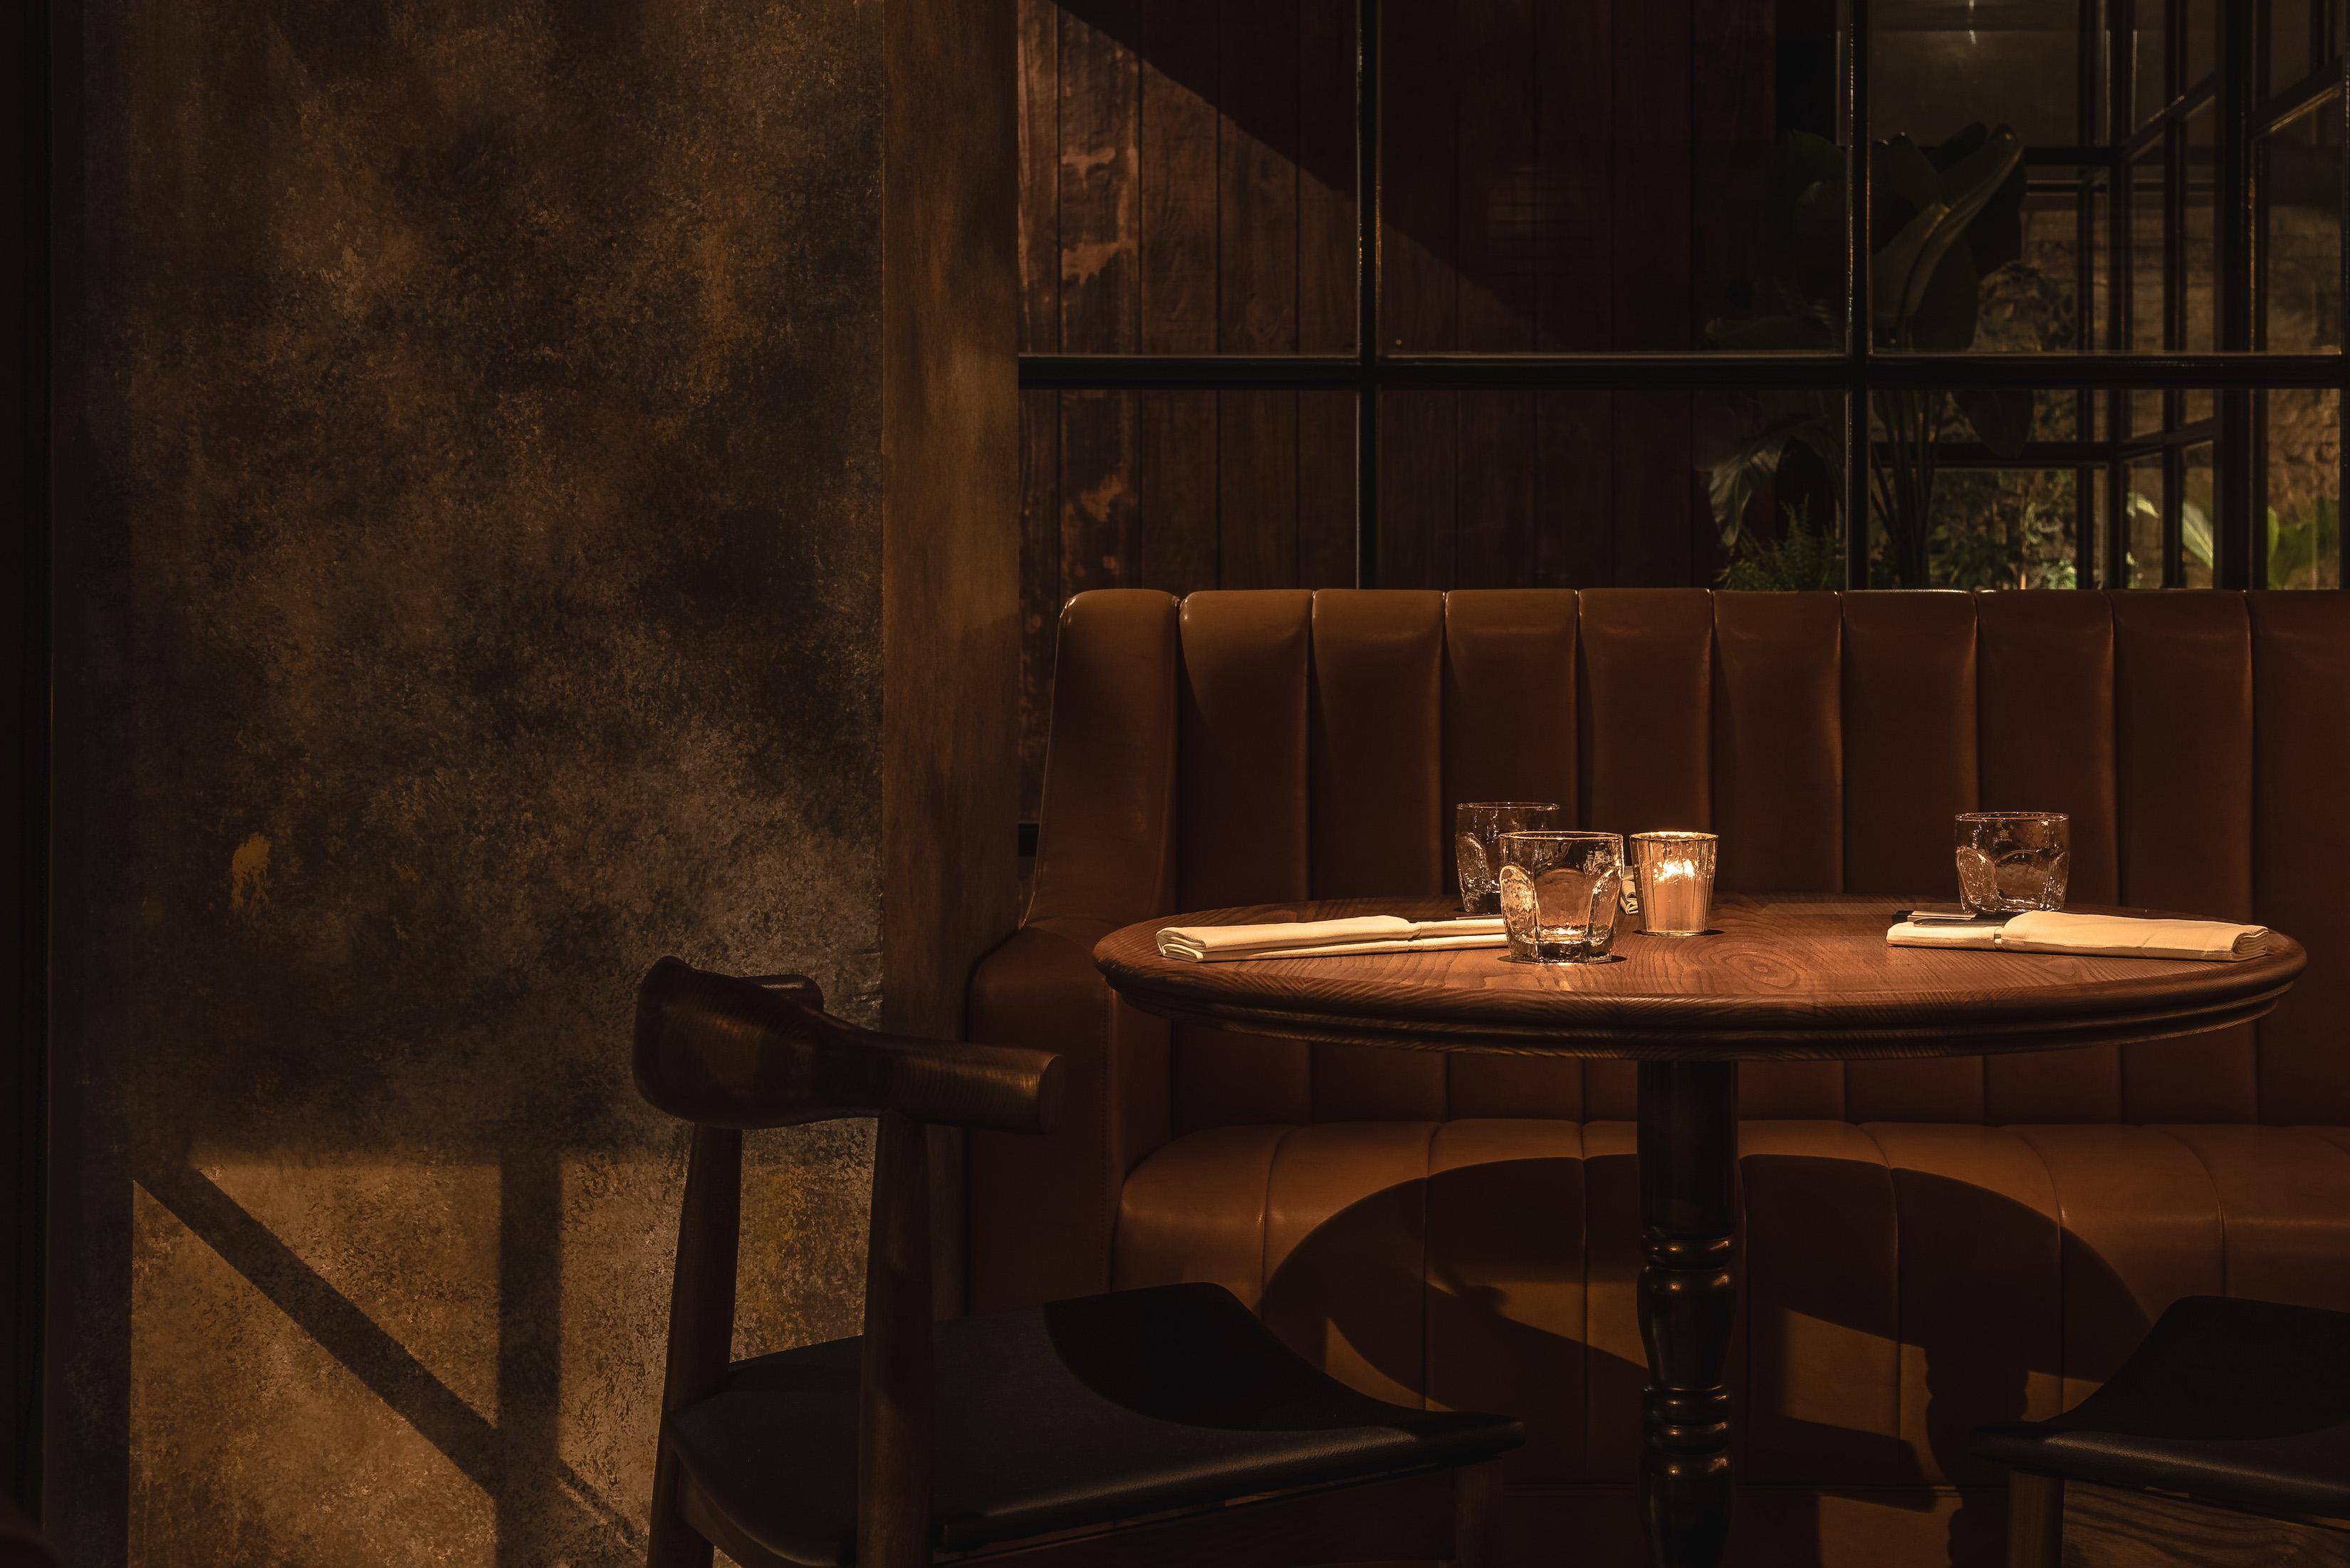 ▊新開幕 ▊LONGTAIL Restaurant & Bar 的當代料理是台北夜間飲食最棒的選擇之一